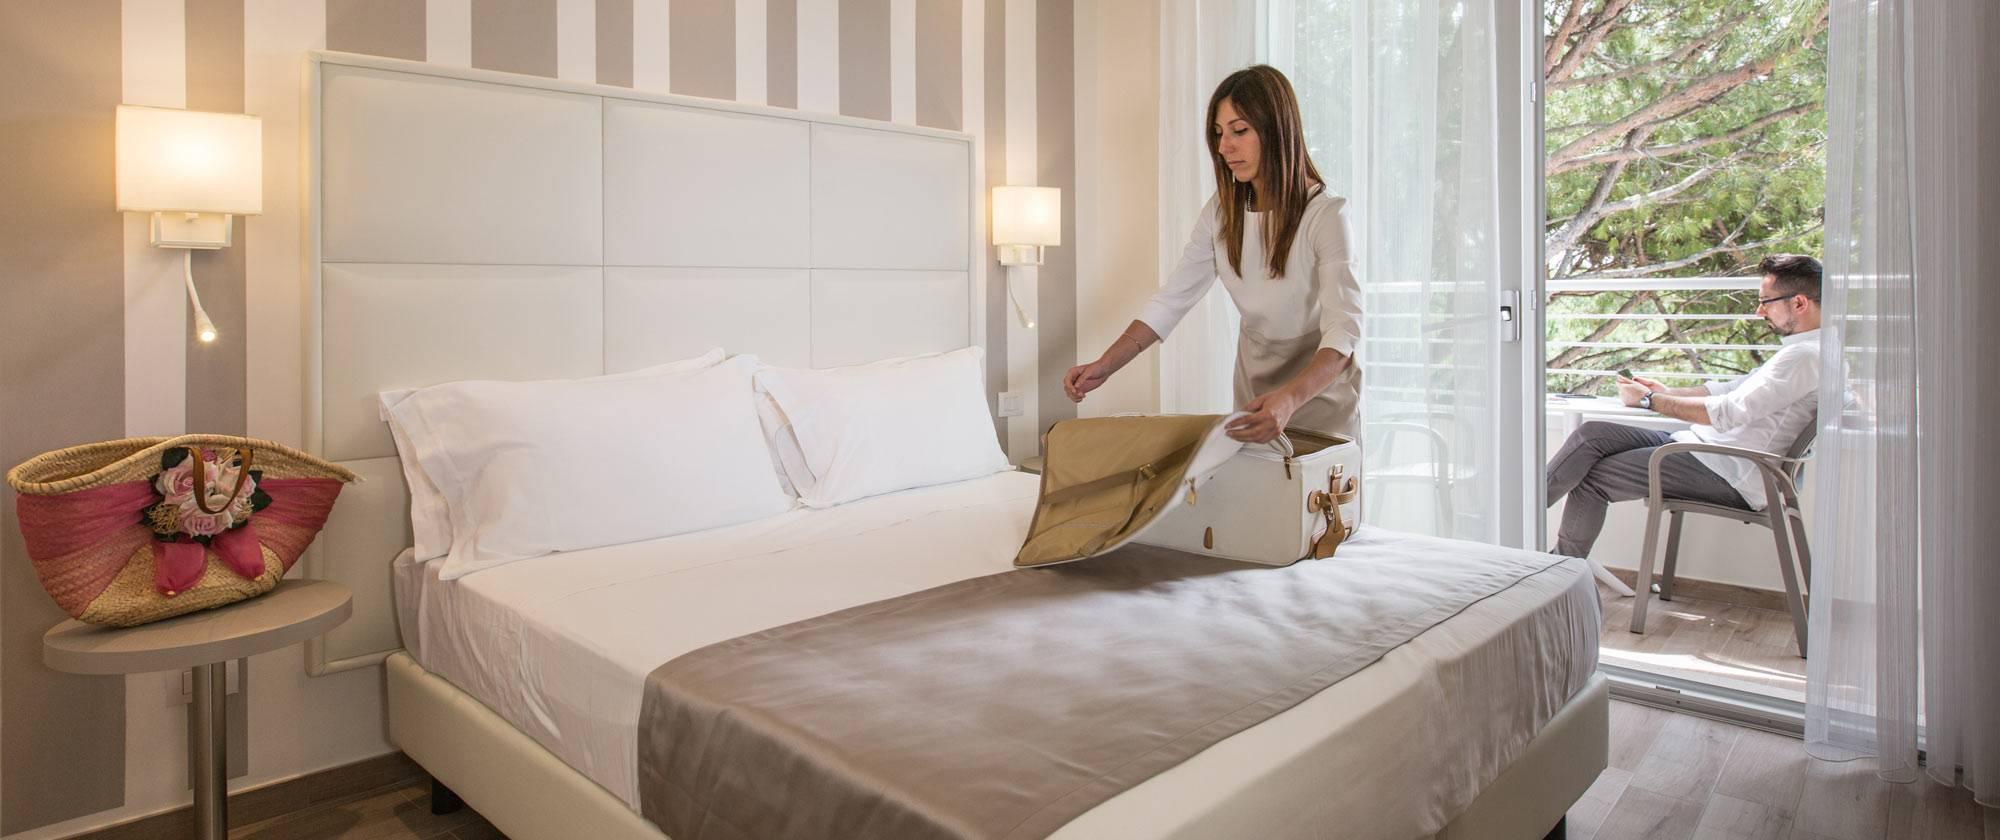 Hotel con camere deluxe milano marittima hotel luxor - Metratura minima bagno ...